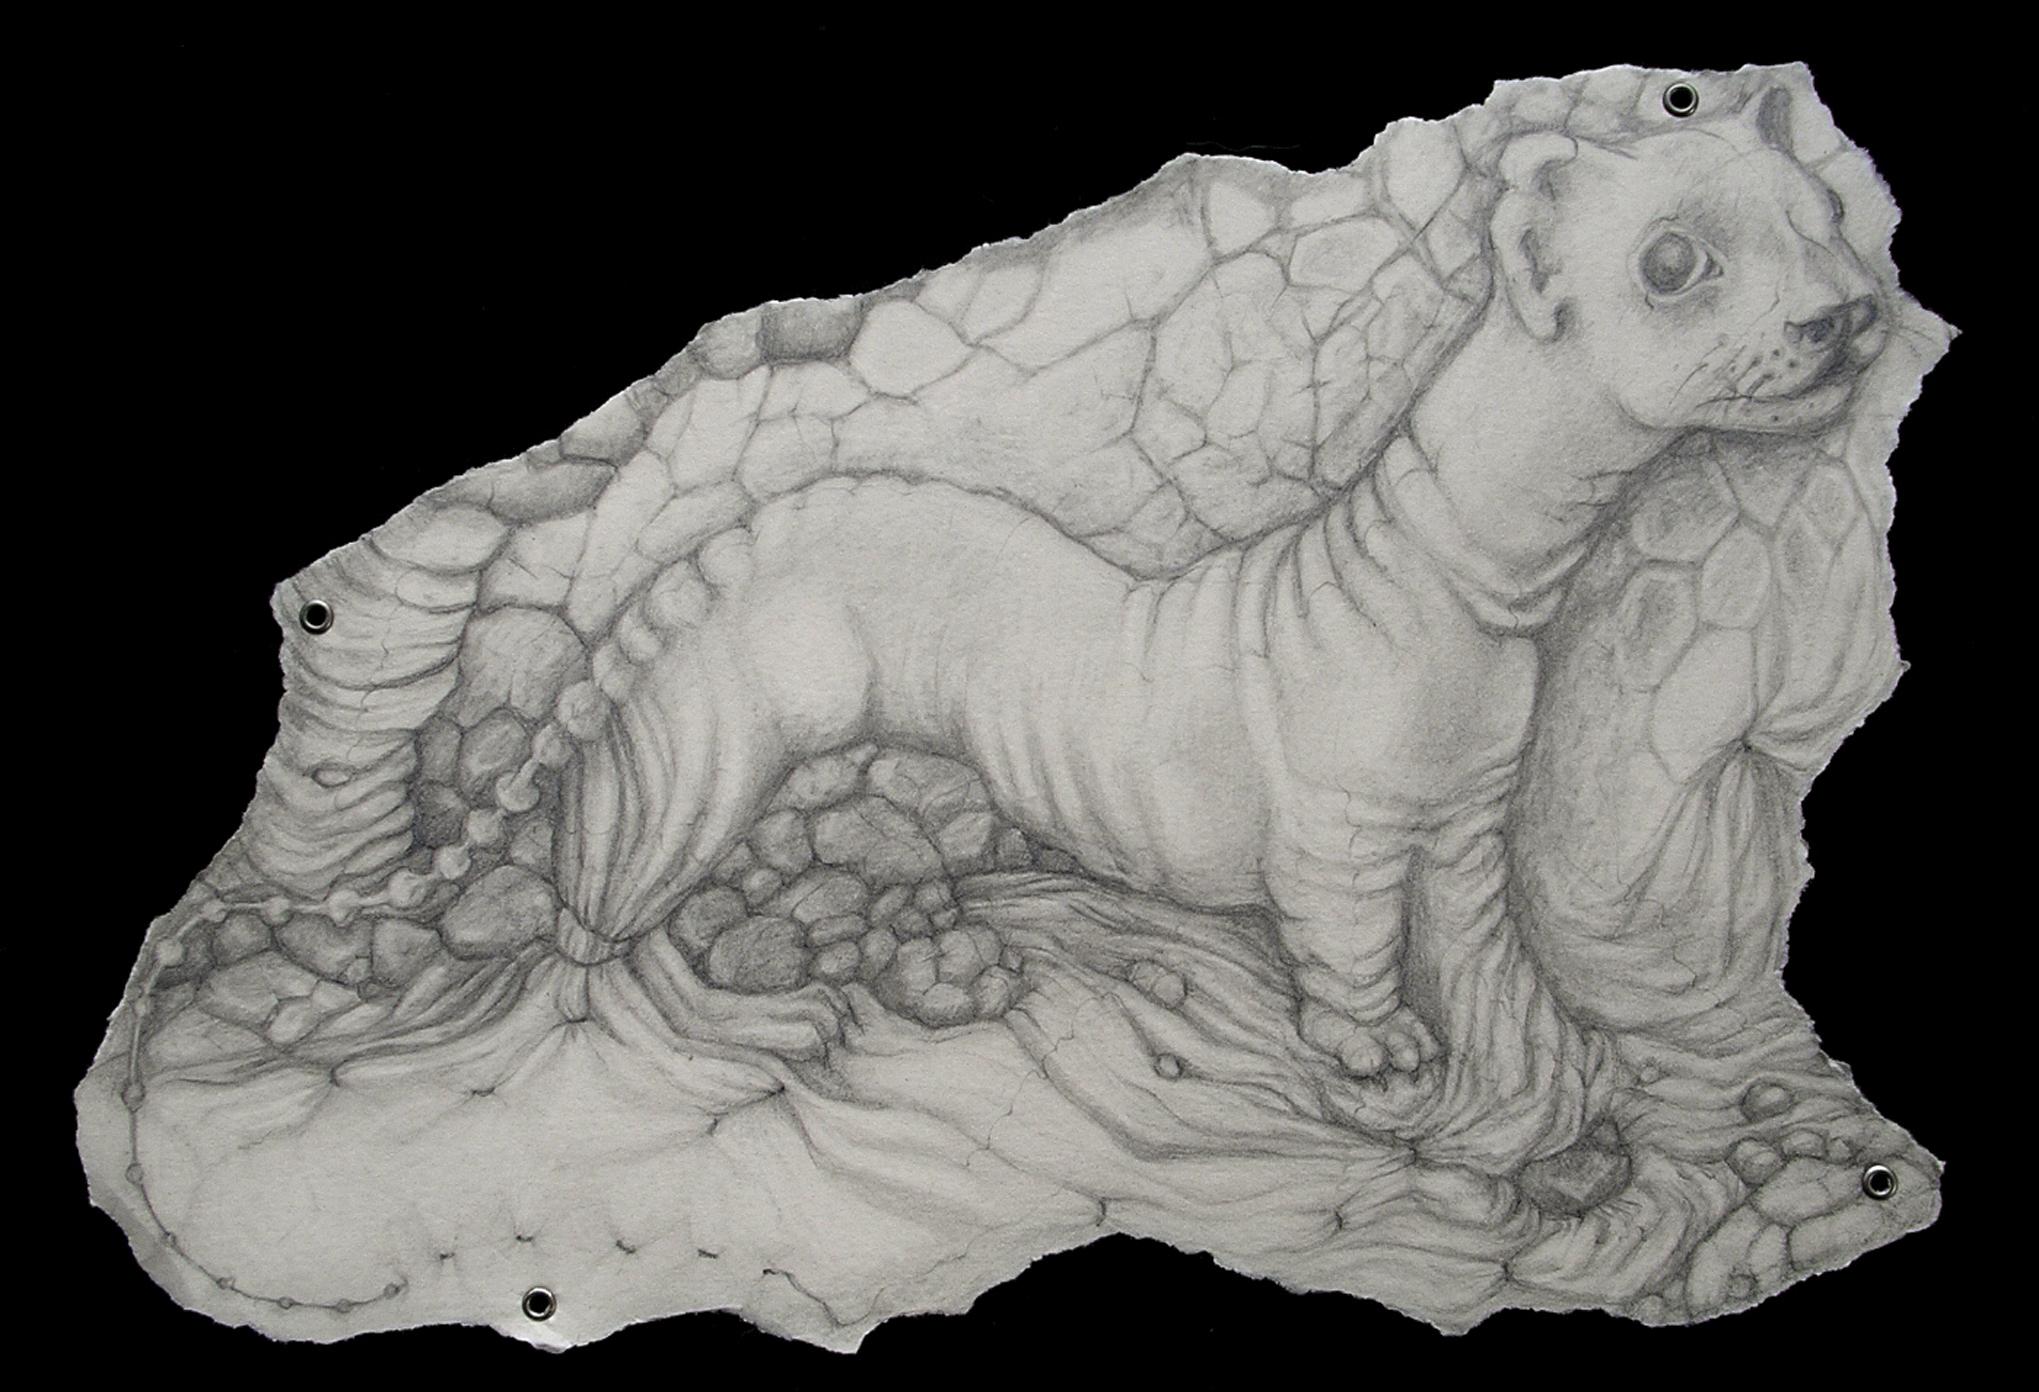 Encyclopedia of Natural History (2006)